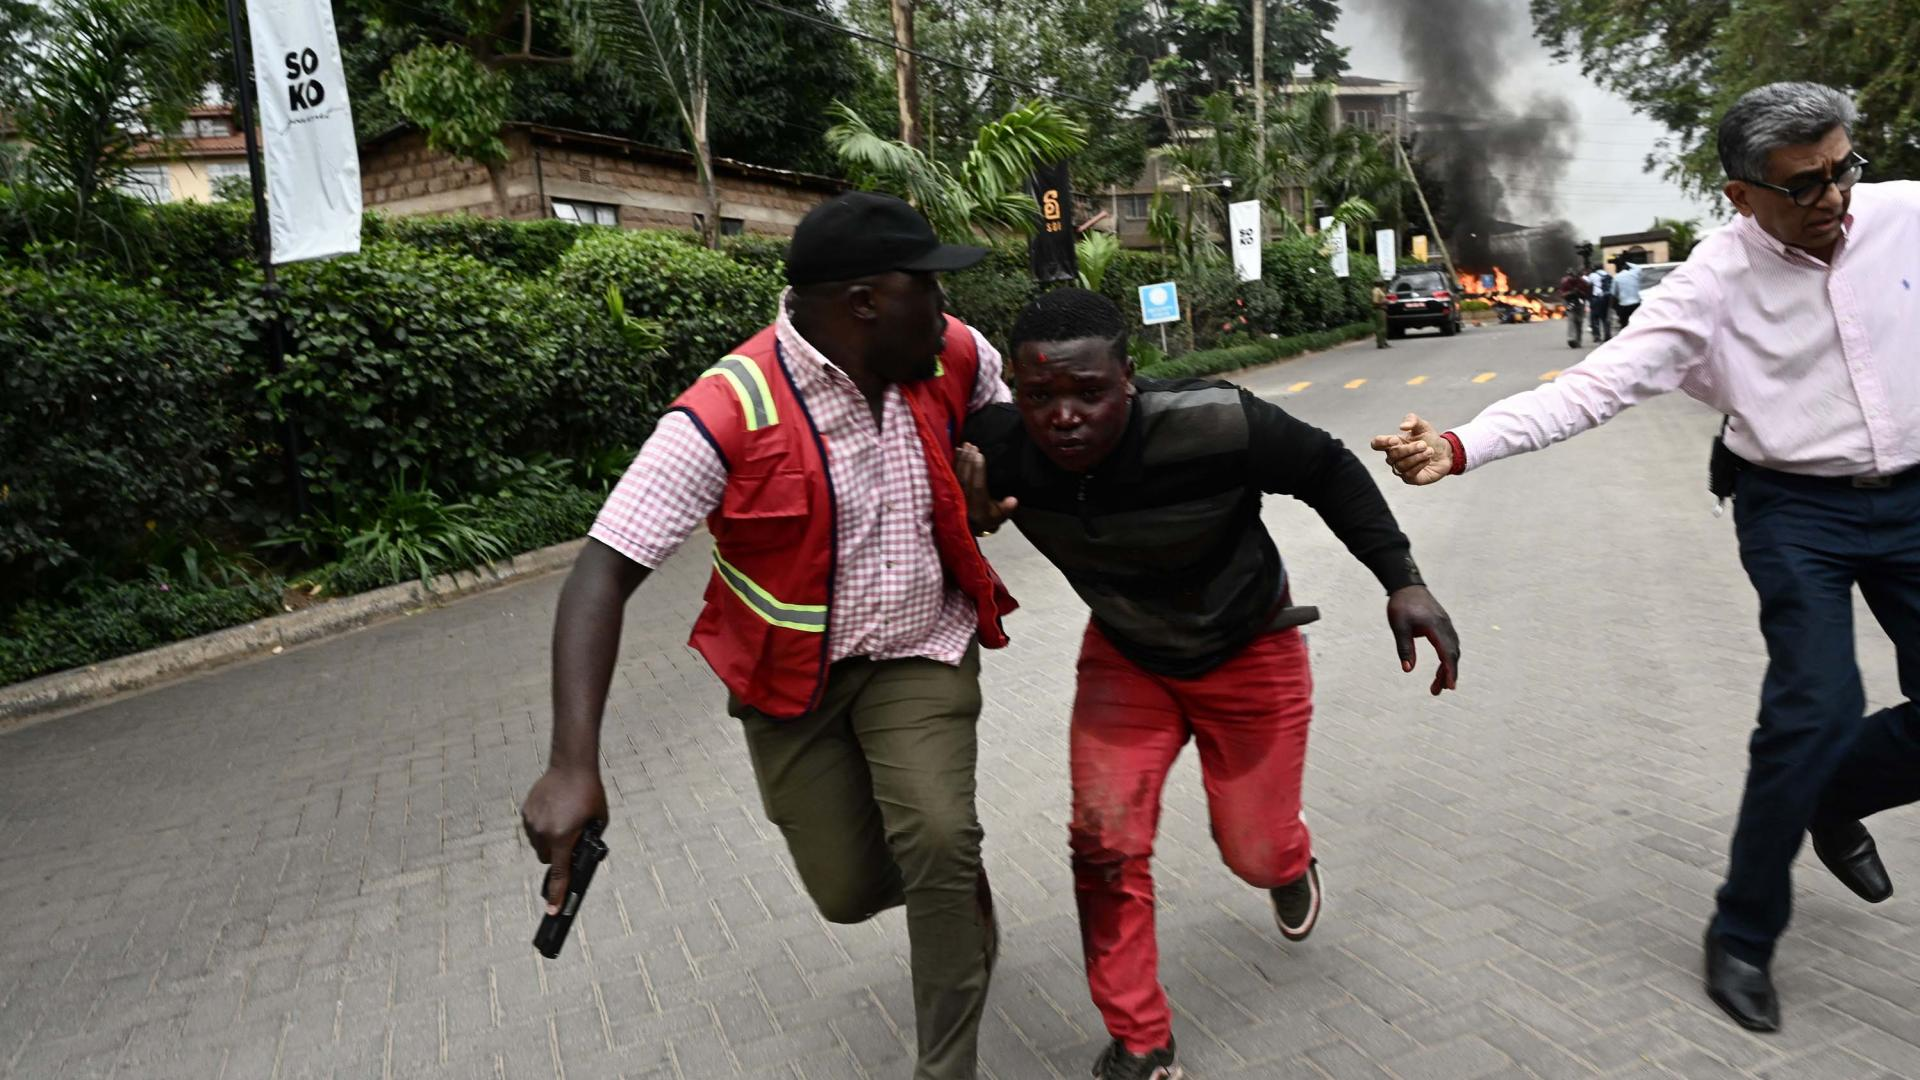 انفجار وإطلاق نار في العاصمة الكينية.. وقوات الأمن تتدخل